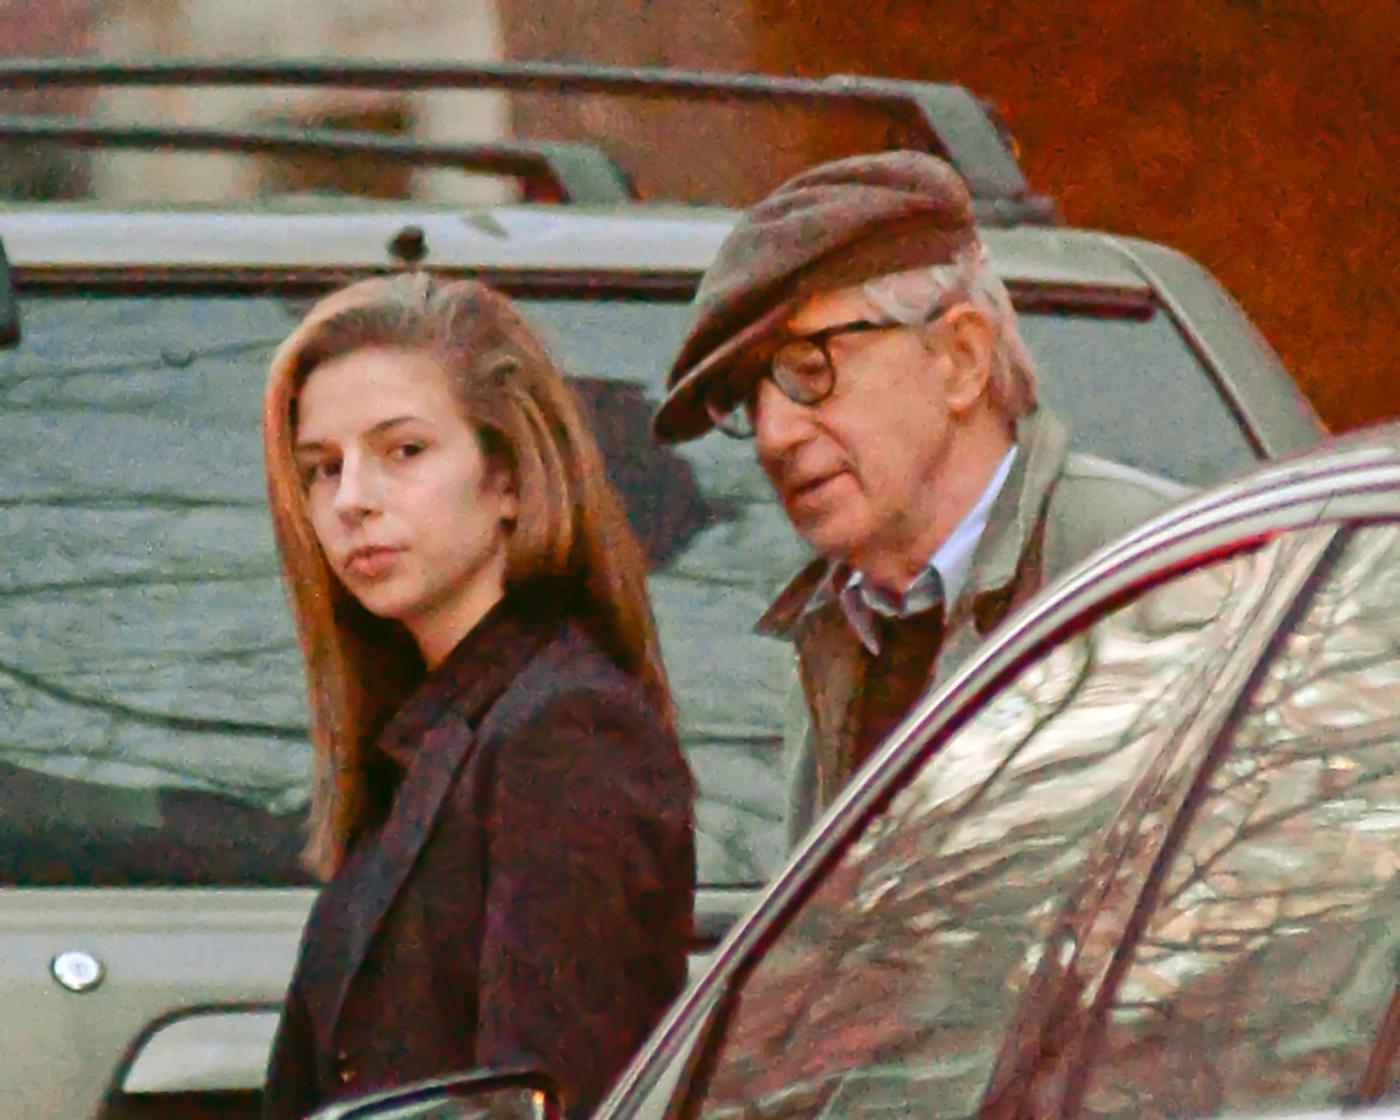 New York, Woody Allen a spasso con la figlia Manzie04